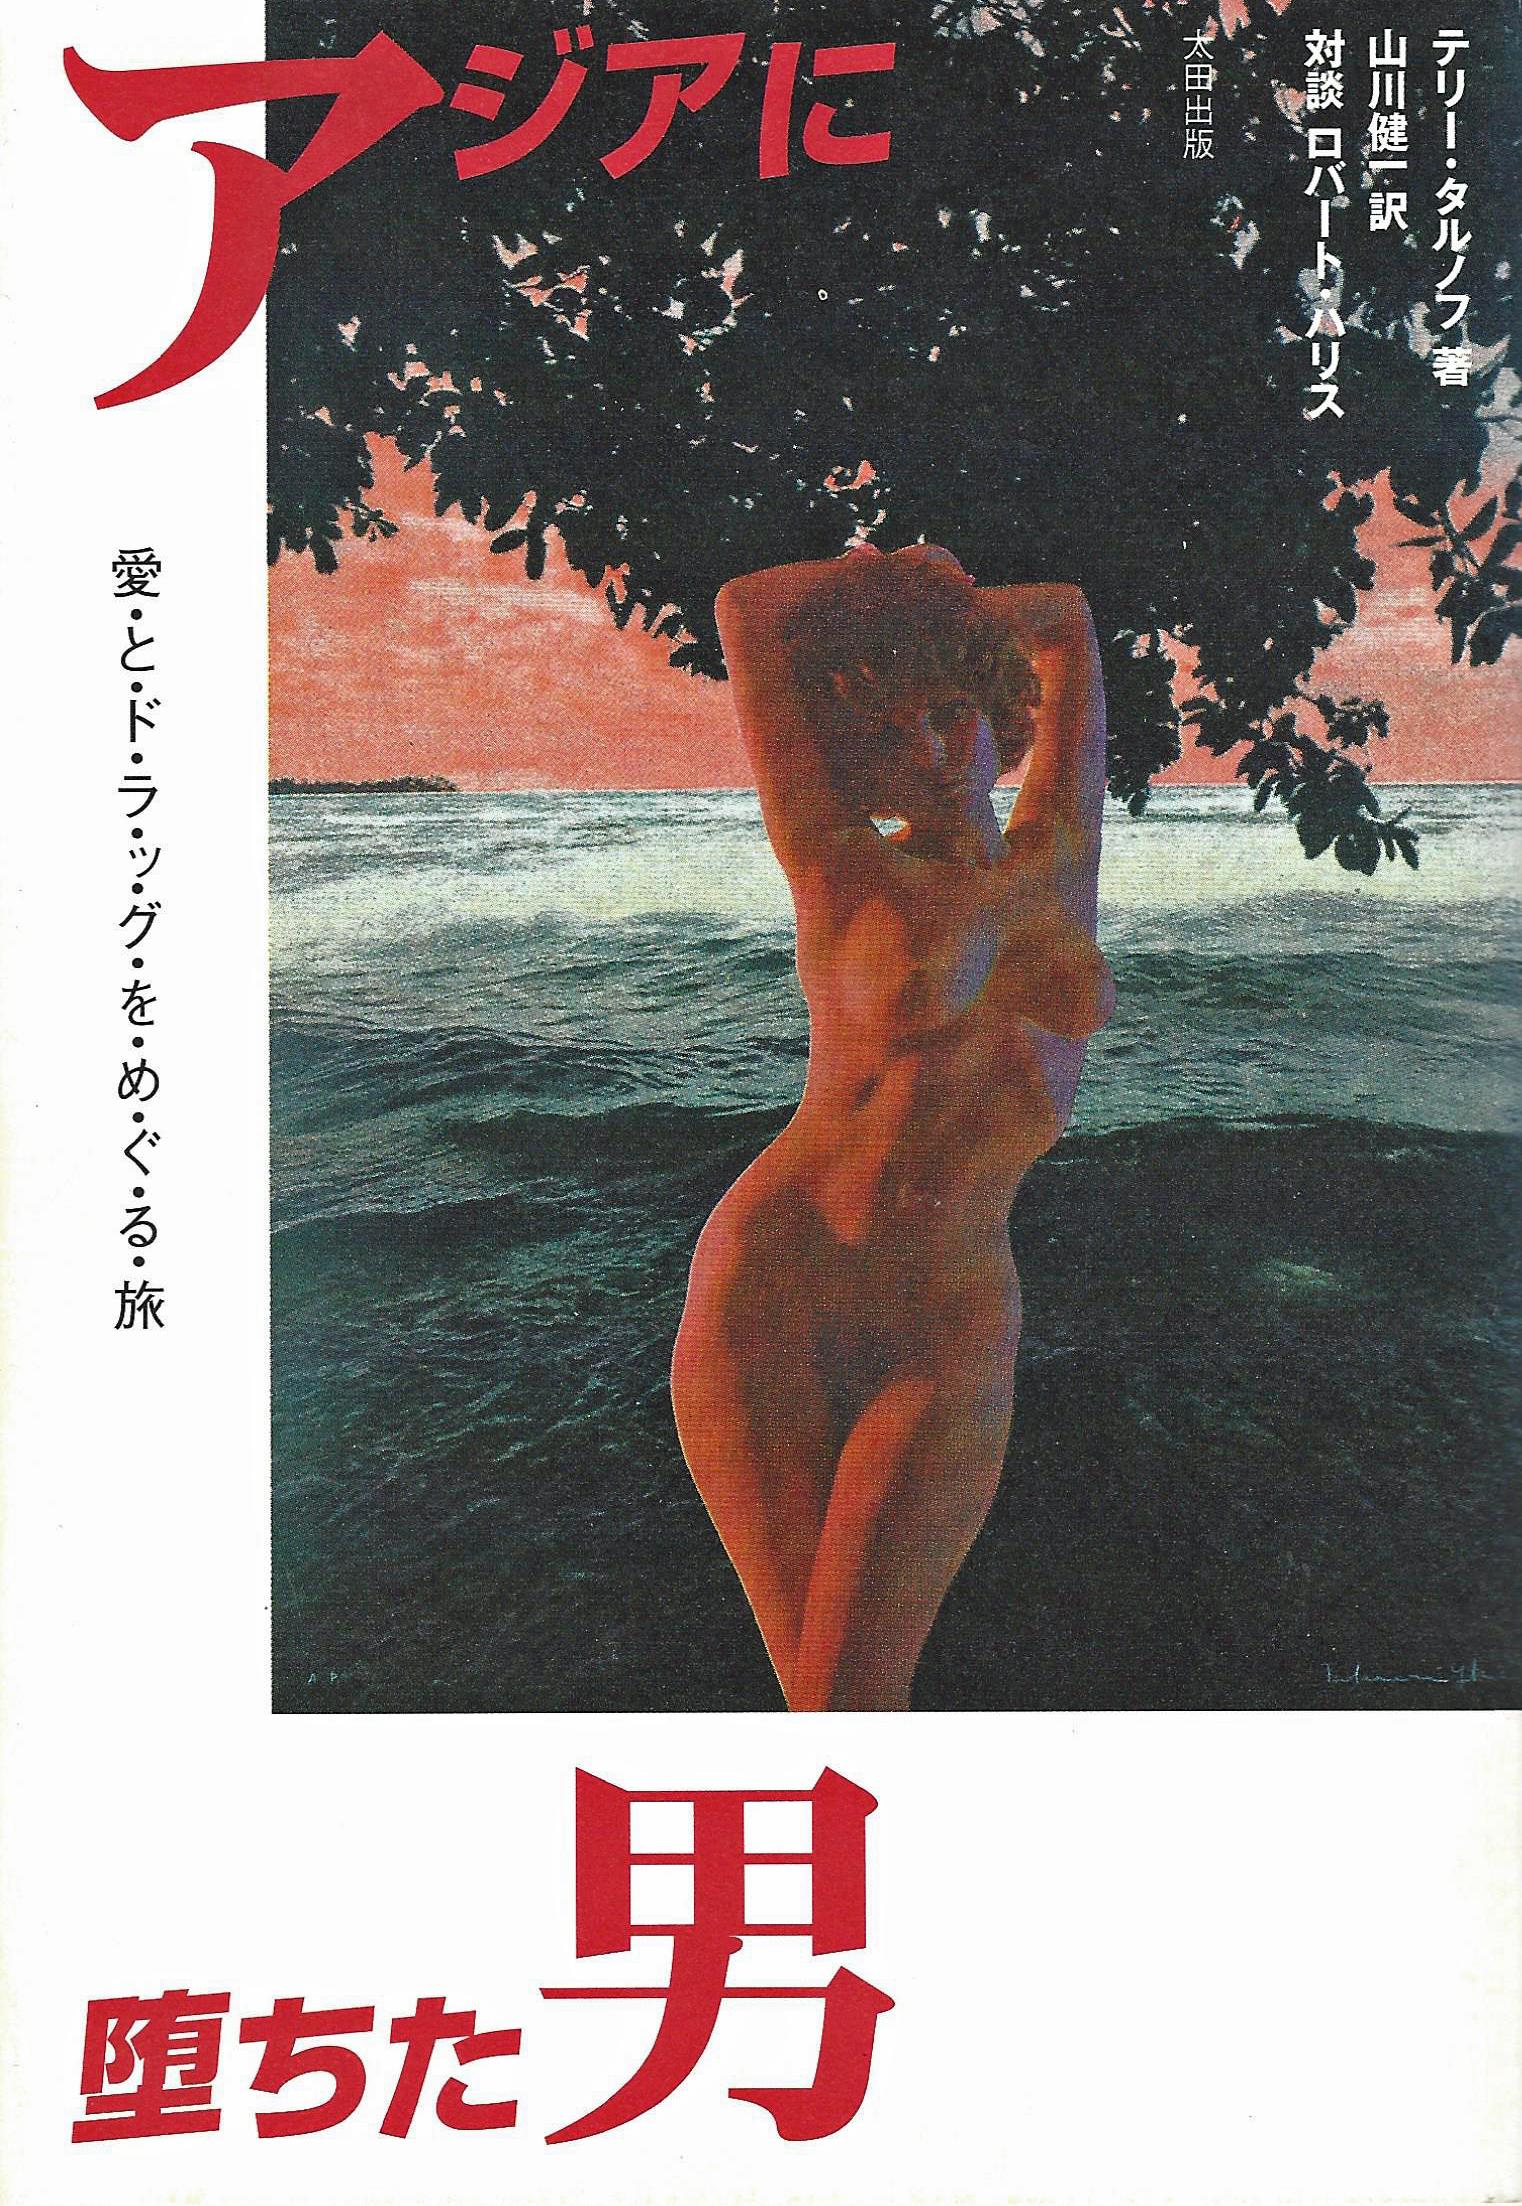 bone-man-cover-japan-vol-1